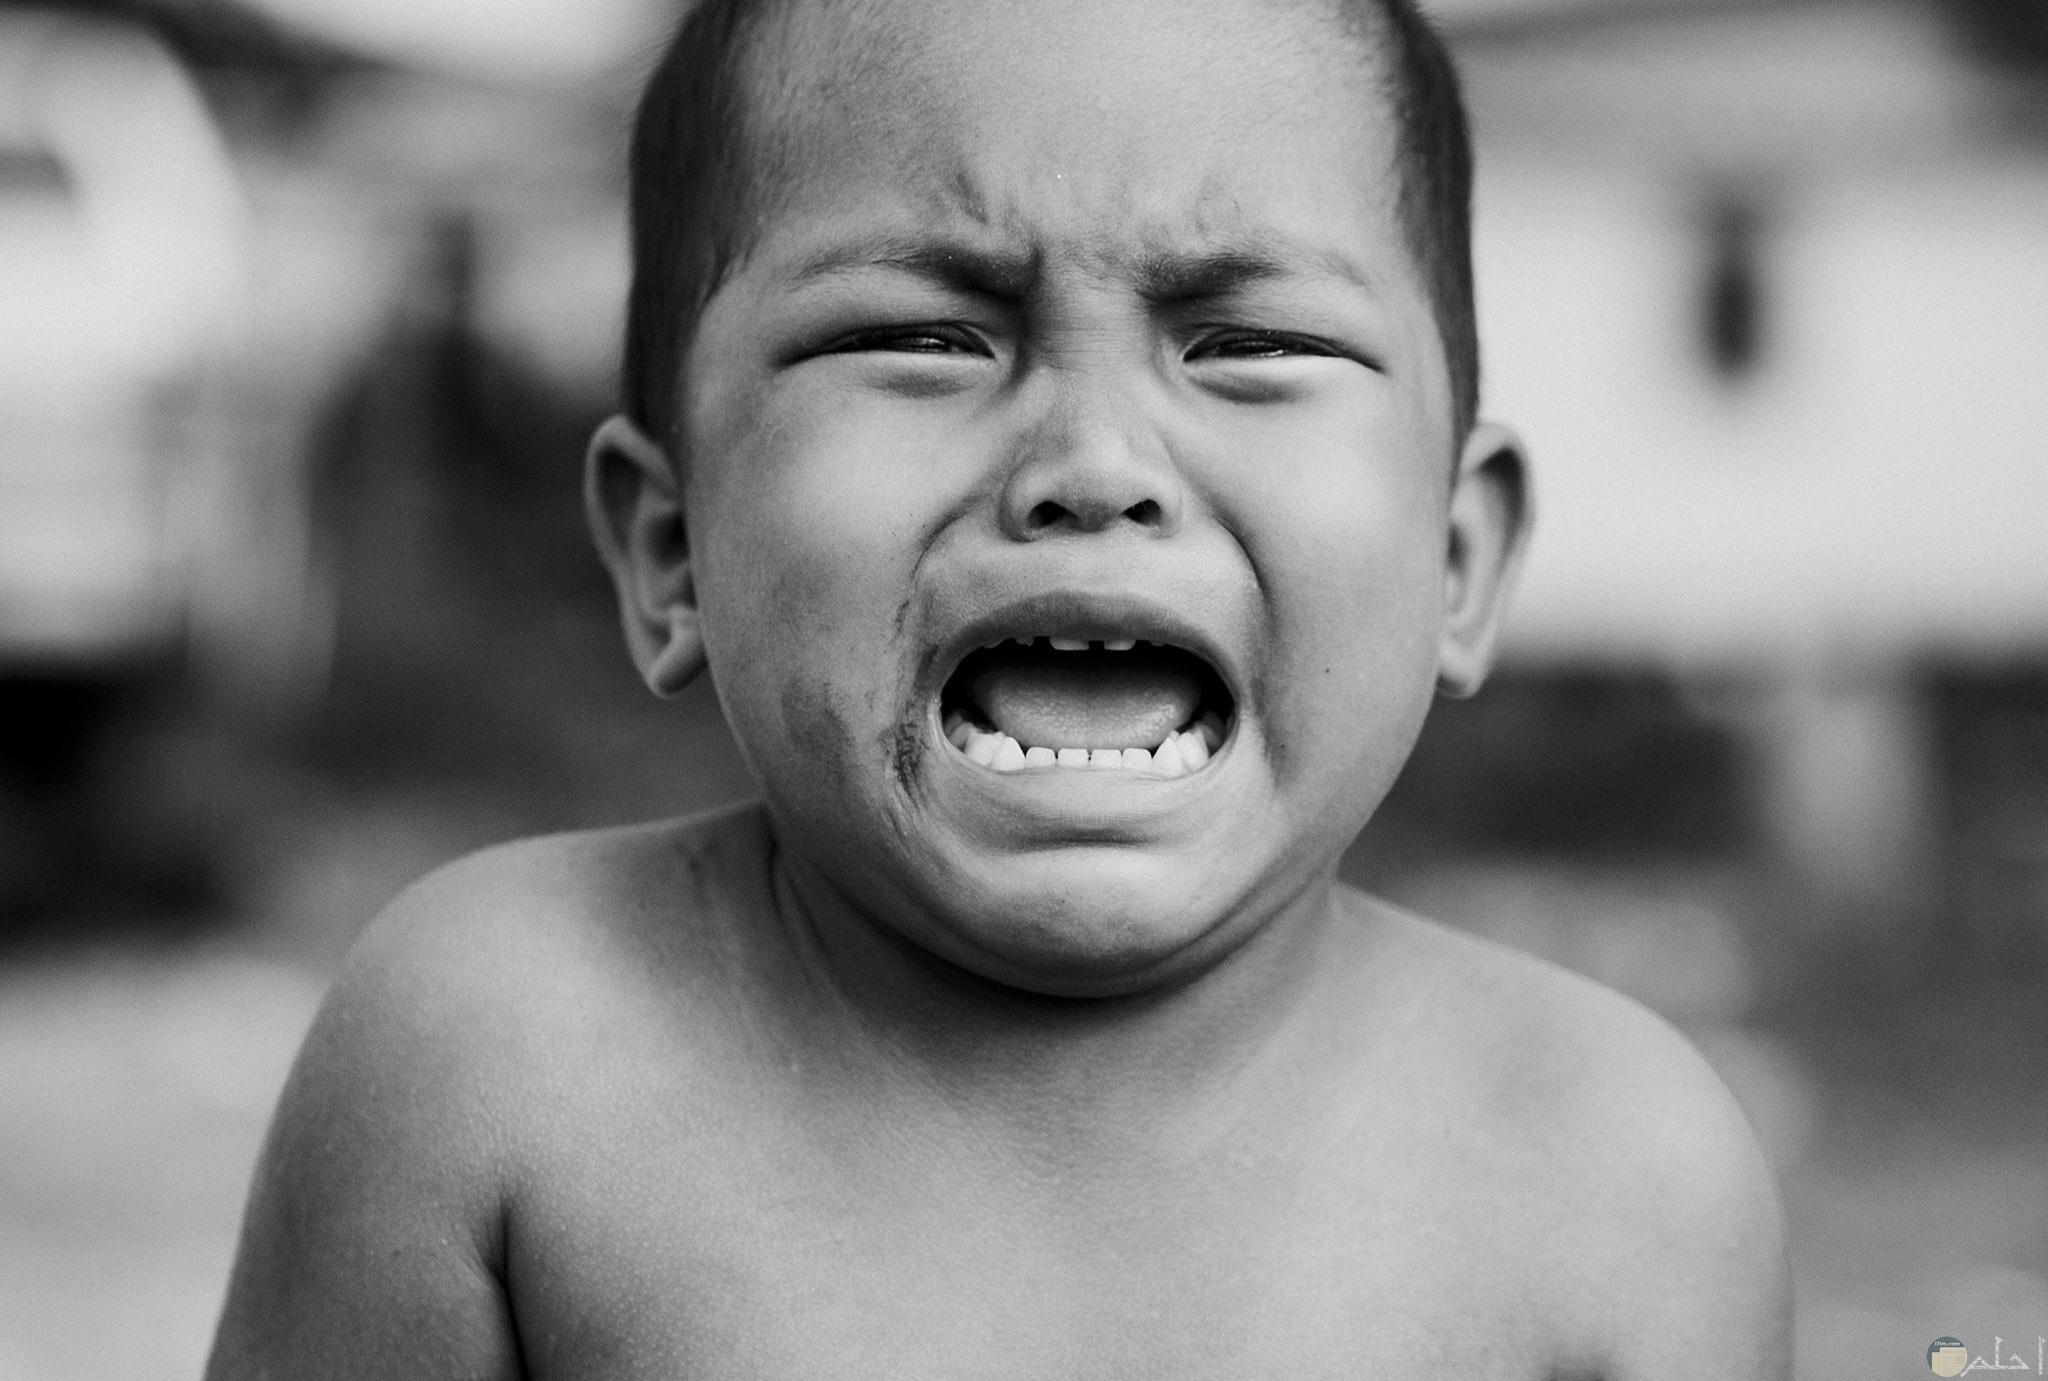 صورة حزينة بالأبيض والأسود لطفل حزين ويبكي